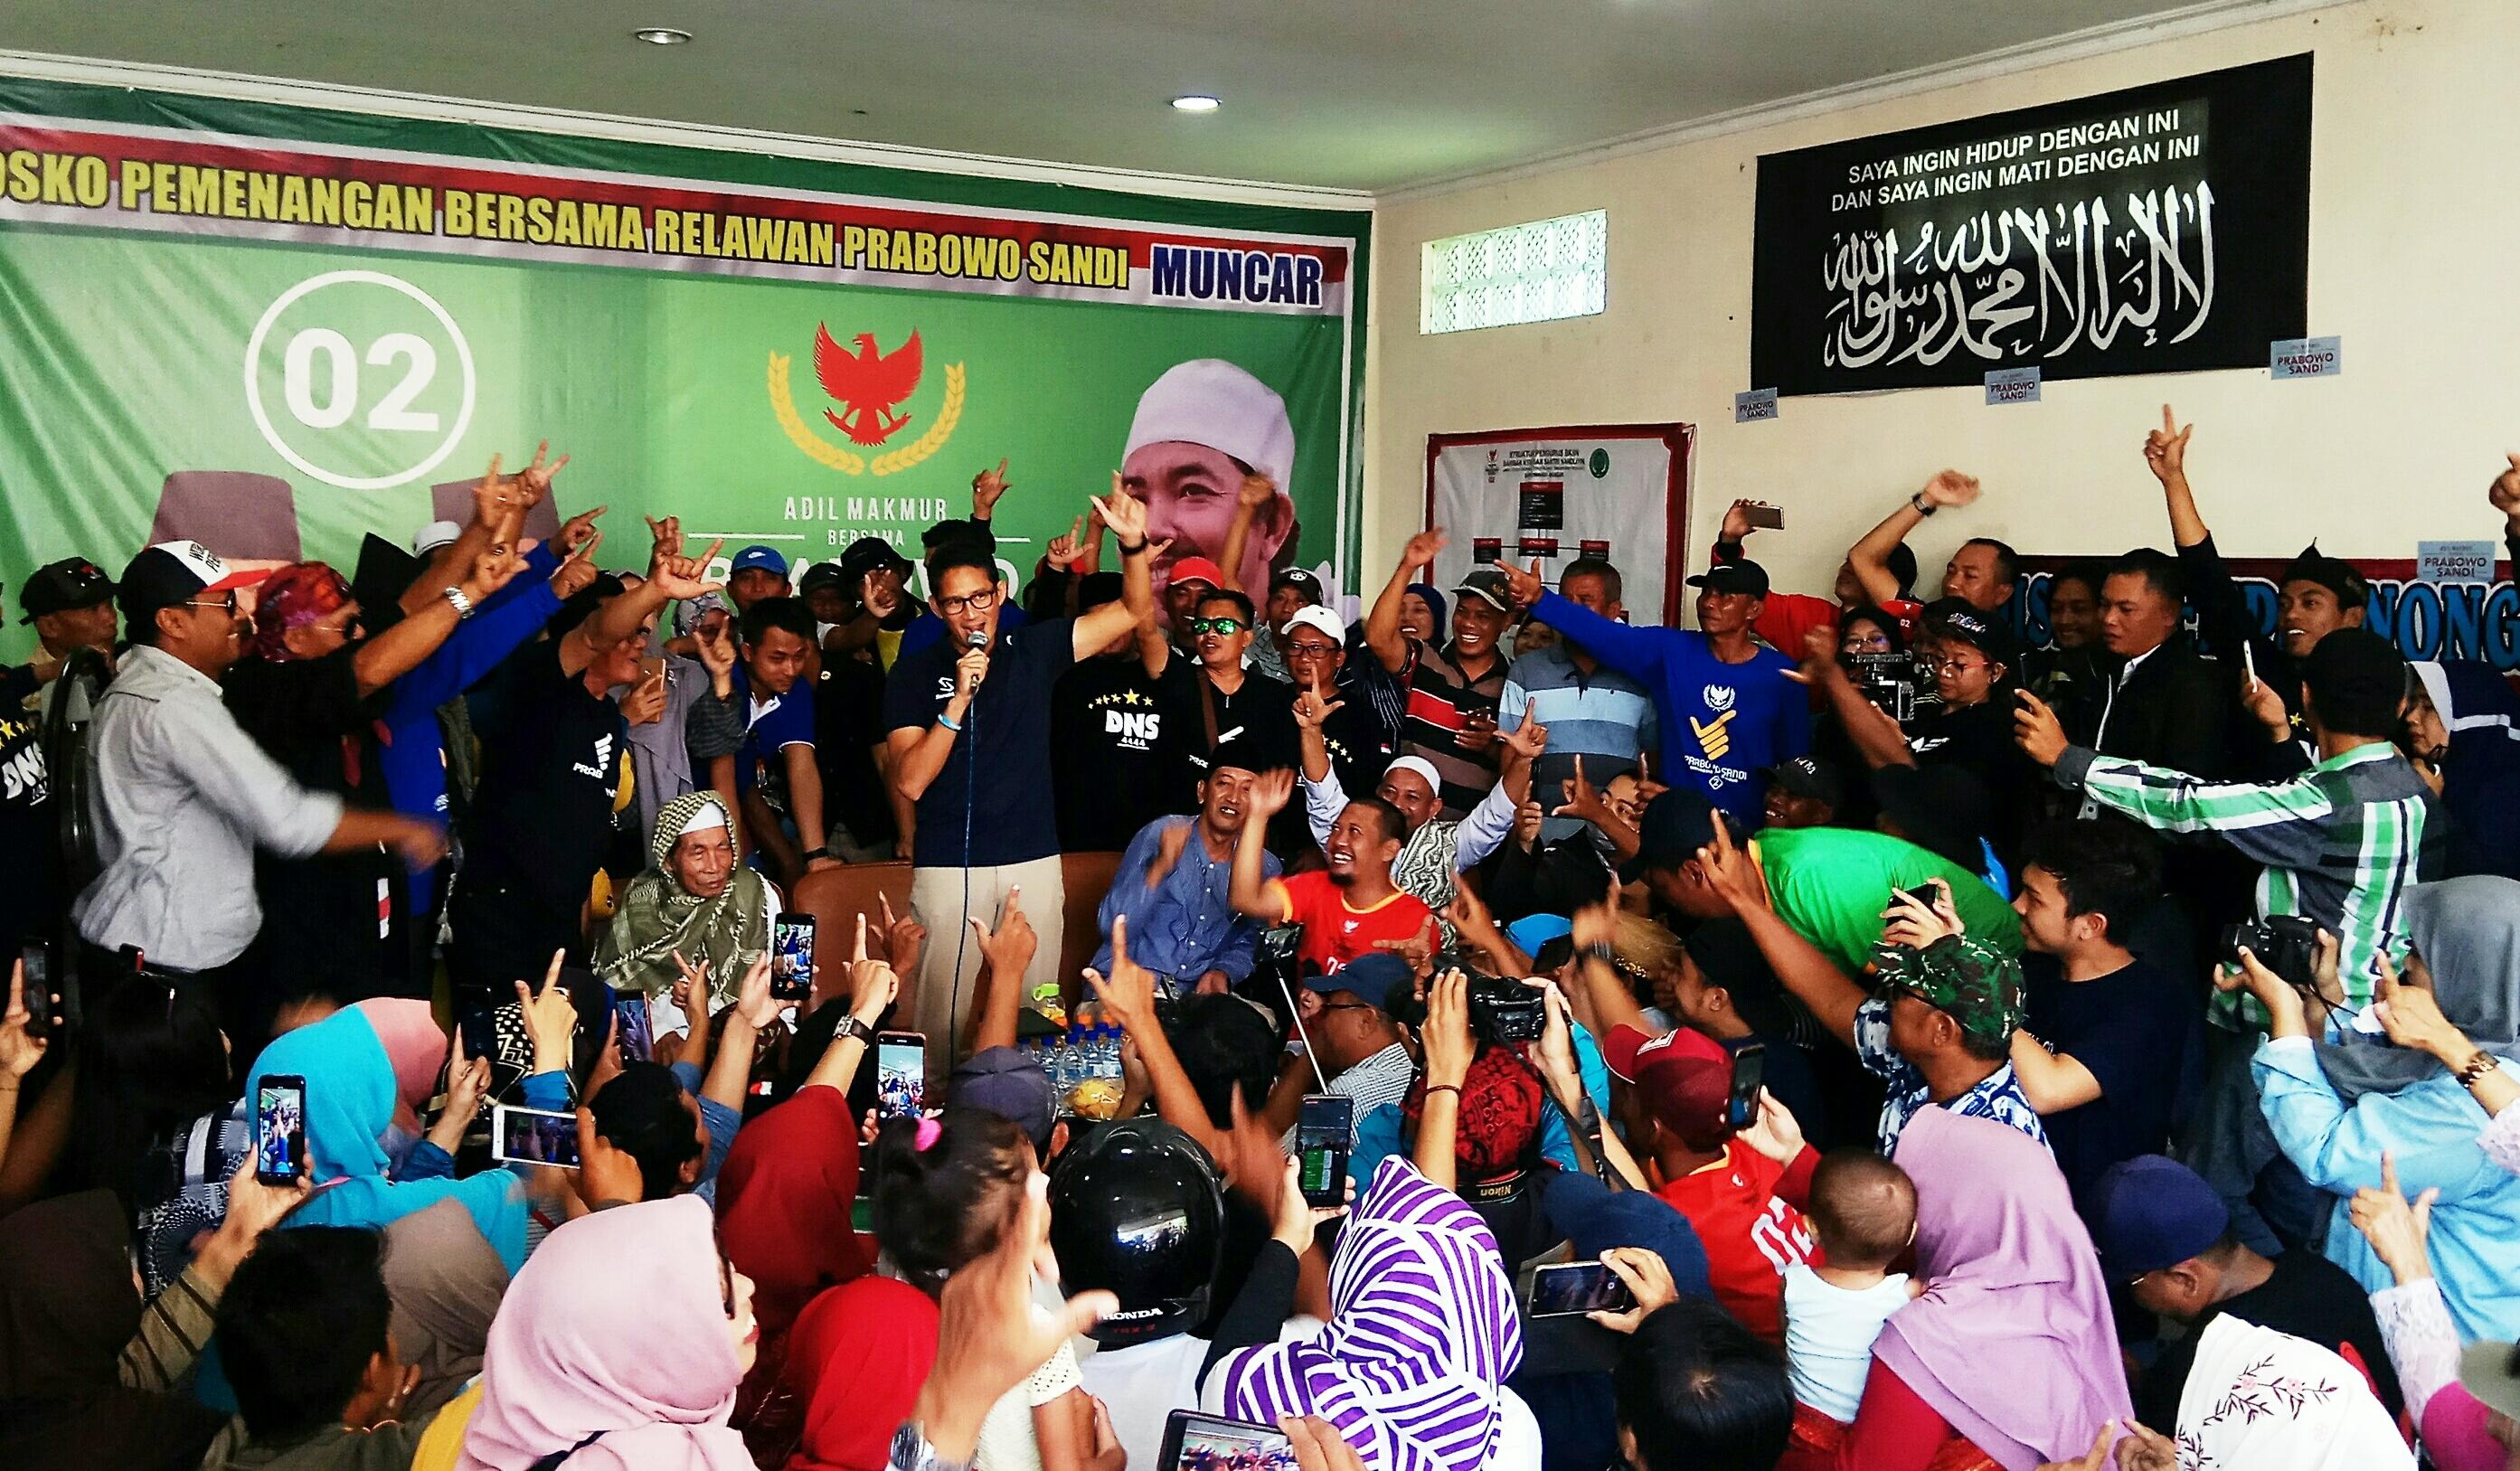 Sandiaga Uno berdialog dengan para pendukungnya di Muncar